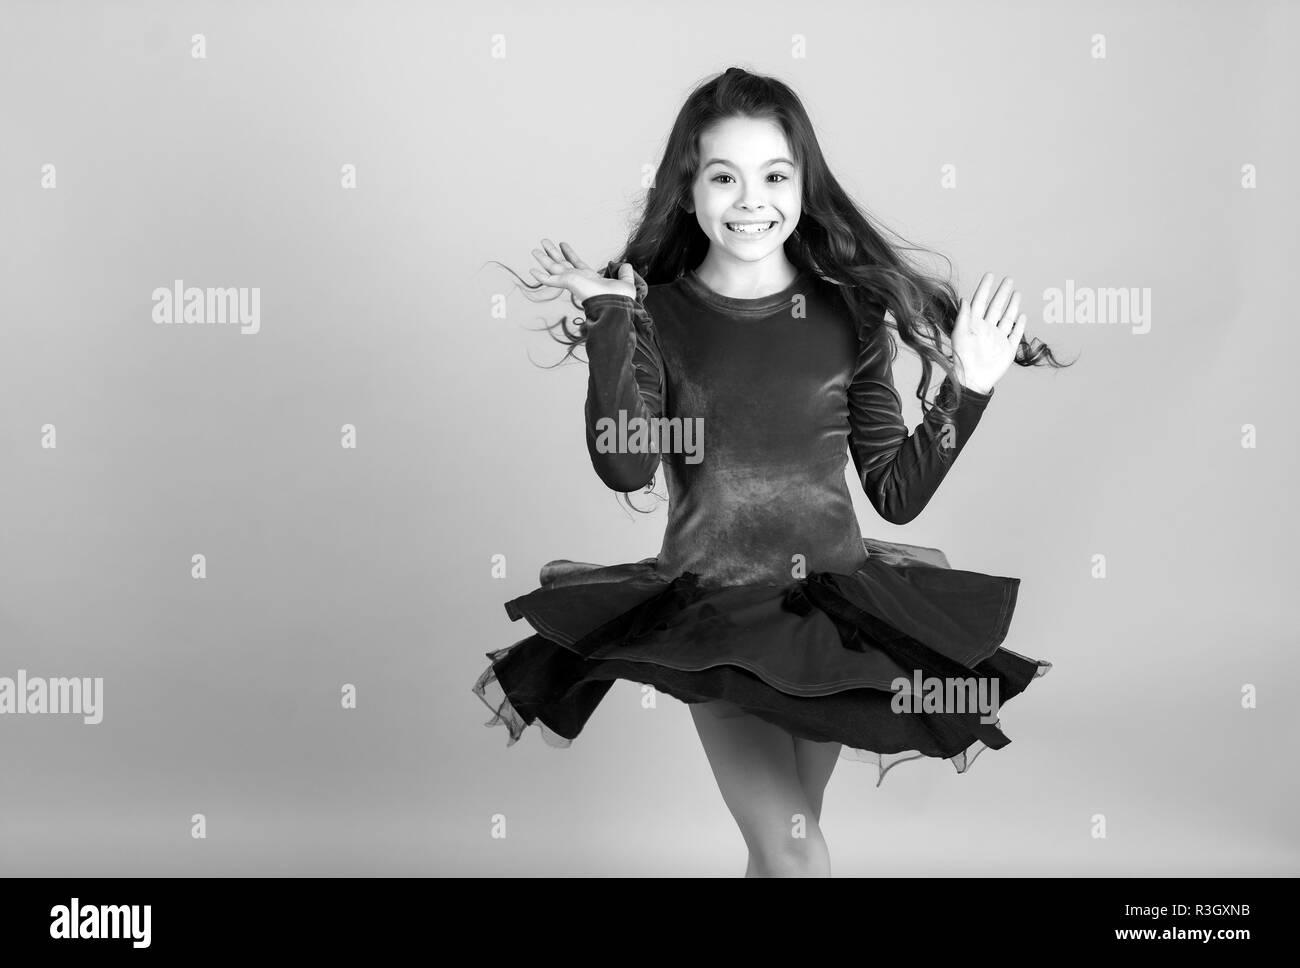 ee91f91939 Just Dance. Chica bailarina spin en el vestido rojo fondo azul. Niño feliz  sonrisa